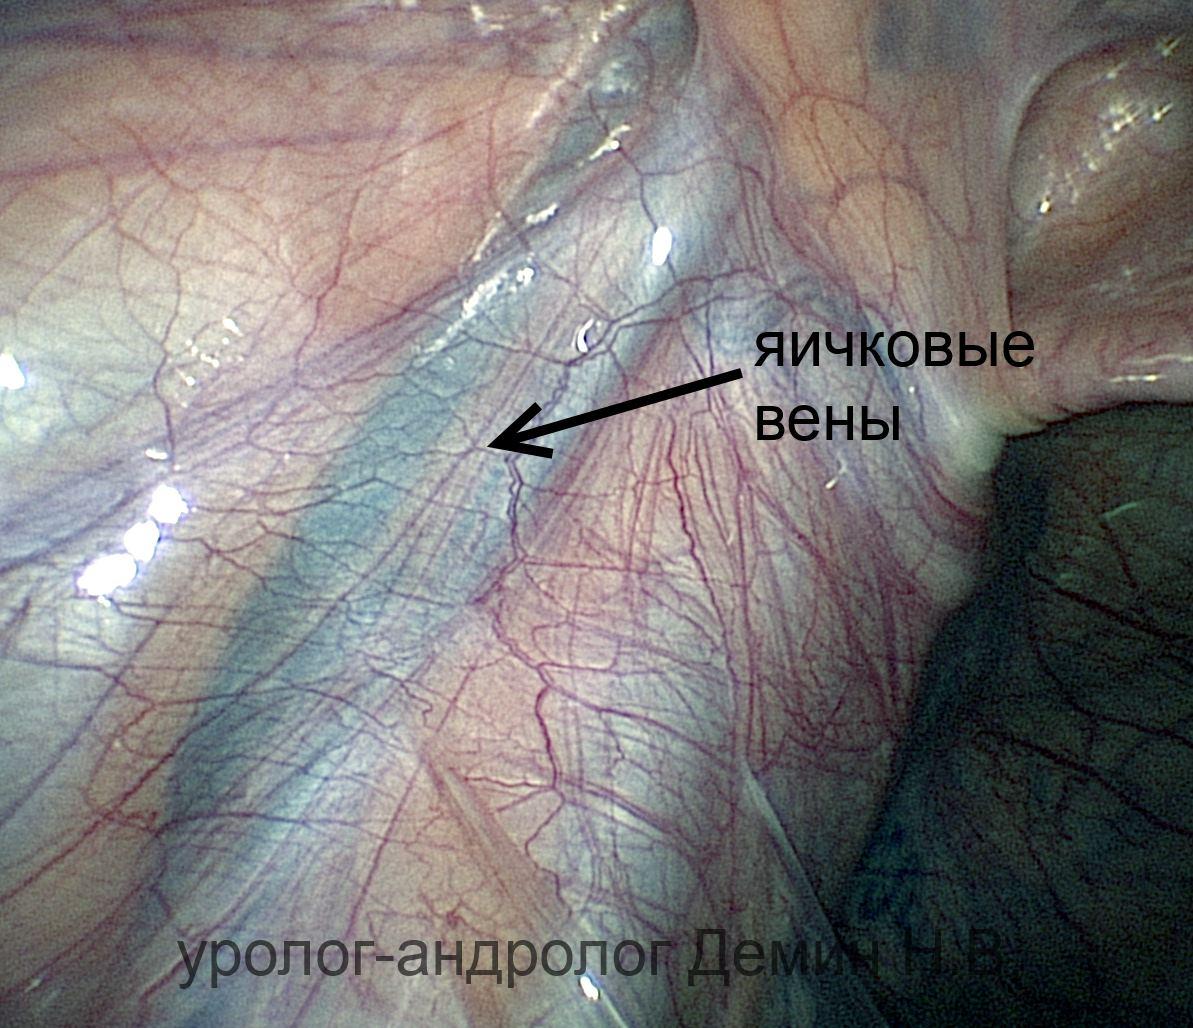 Проктоцеле фото